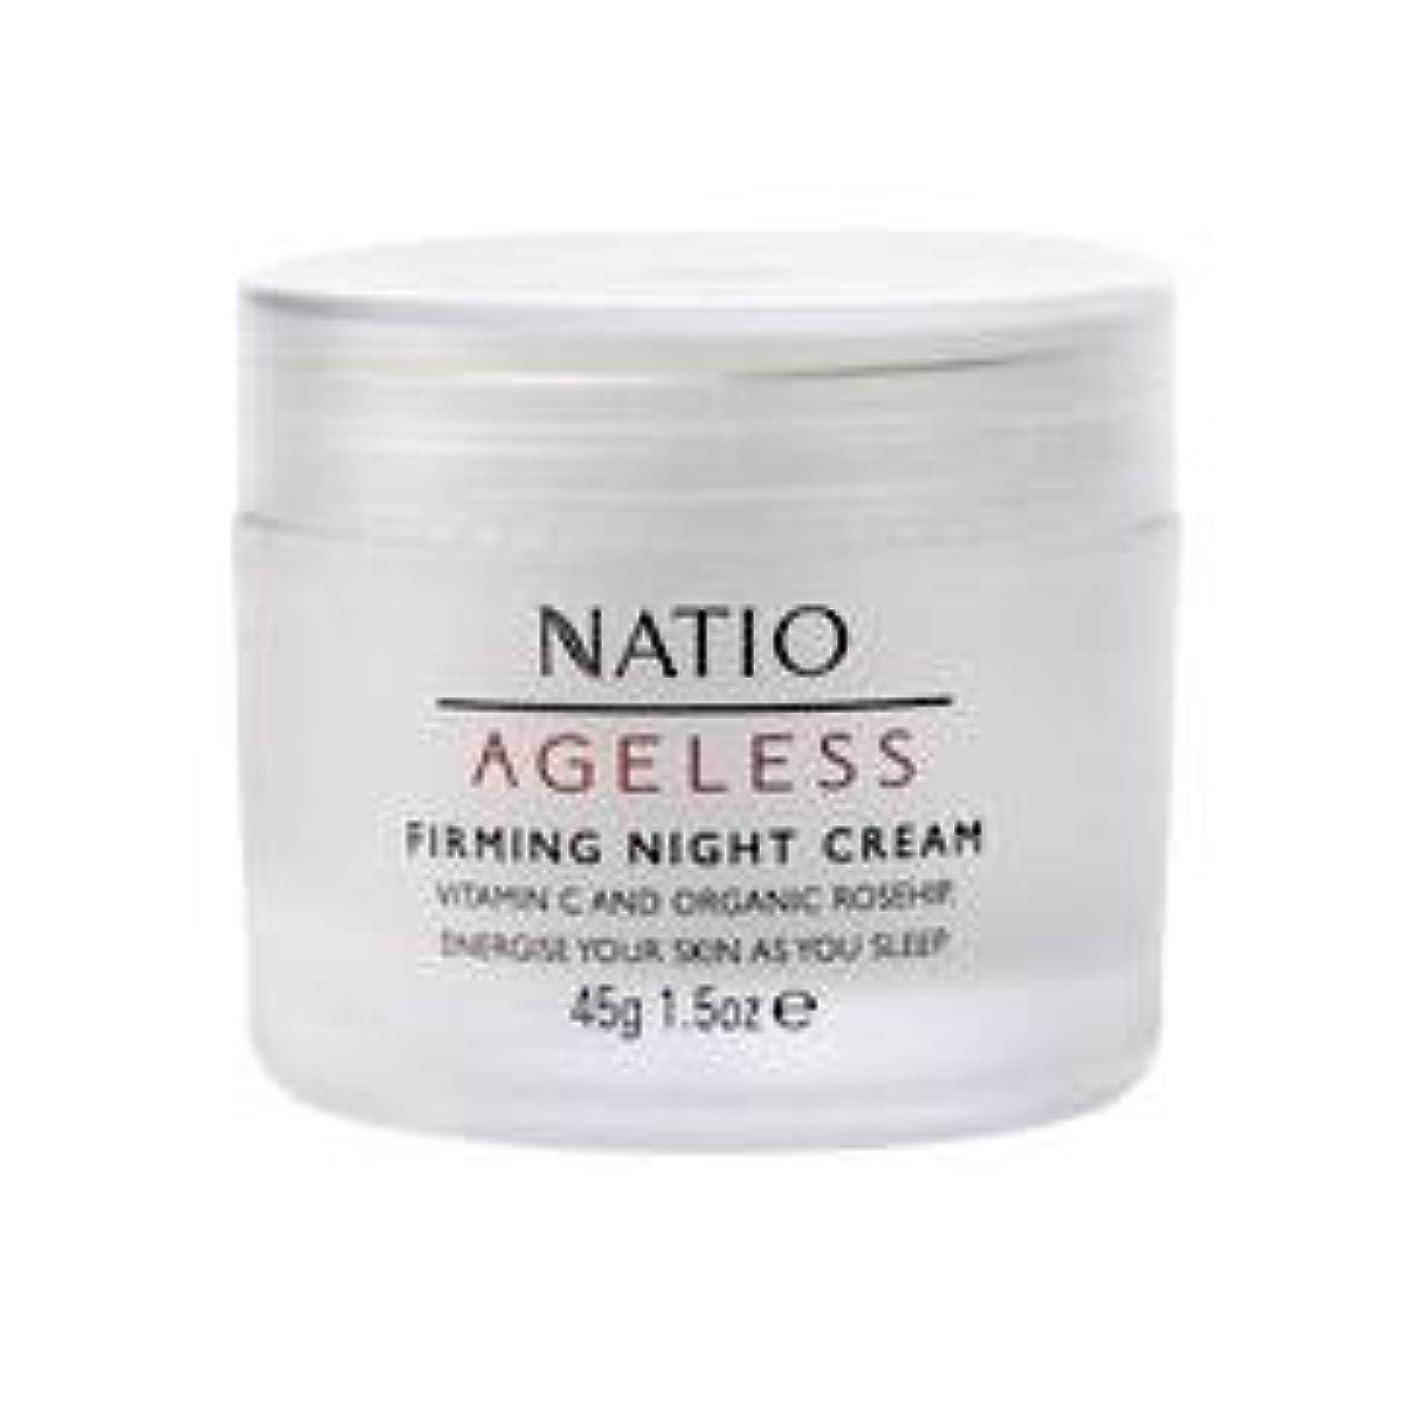 嵐後方宇宙の【NATIO Ageless Firming Night Cream】 ナティオ ナイトクリーム [海外直送品]